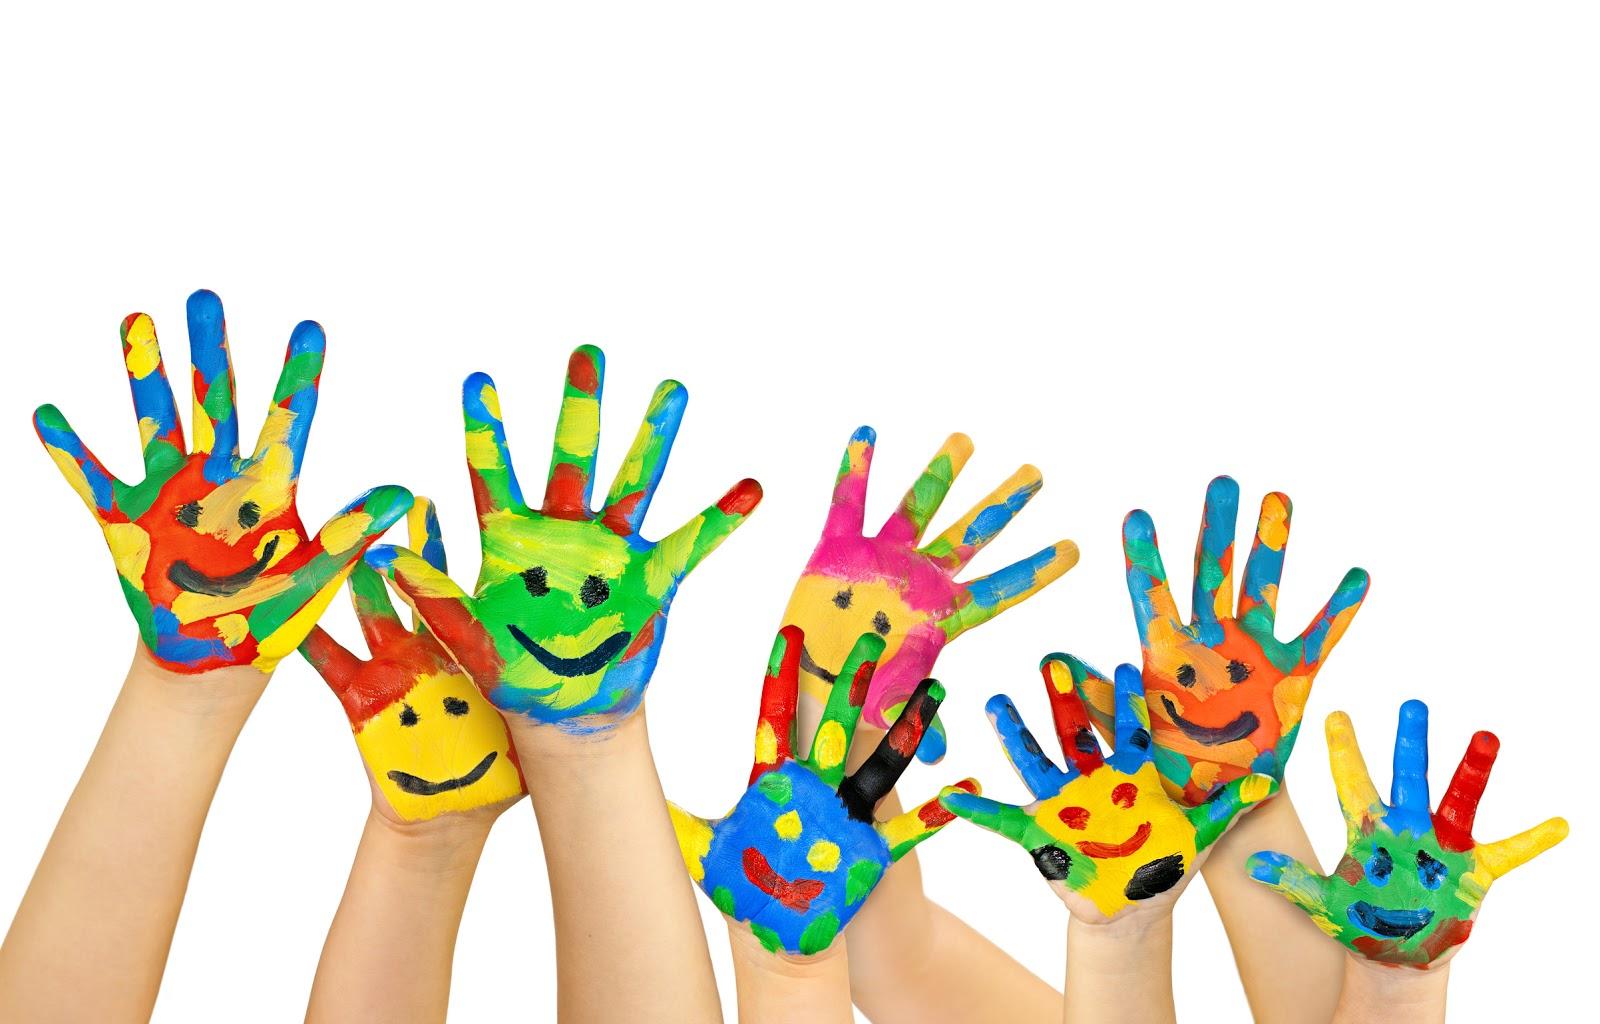 Organizar y desarrollar actividades para responder a las necesidades infantiles